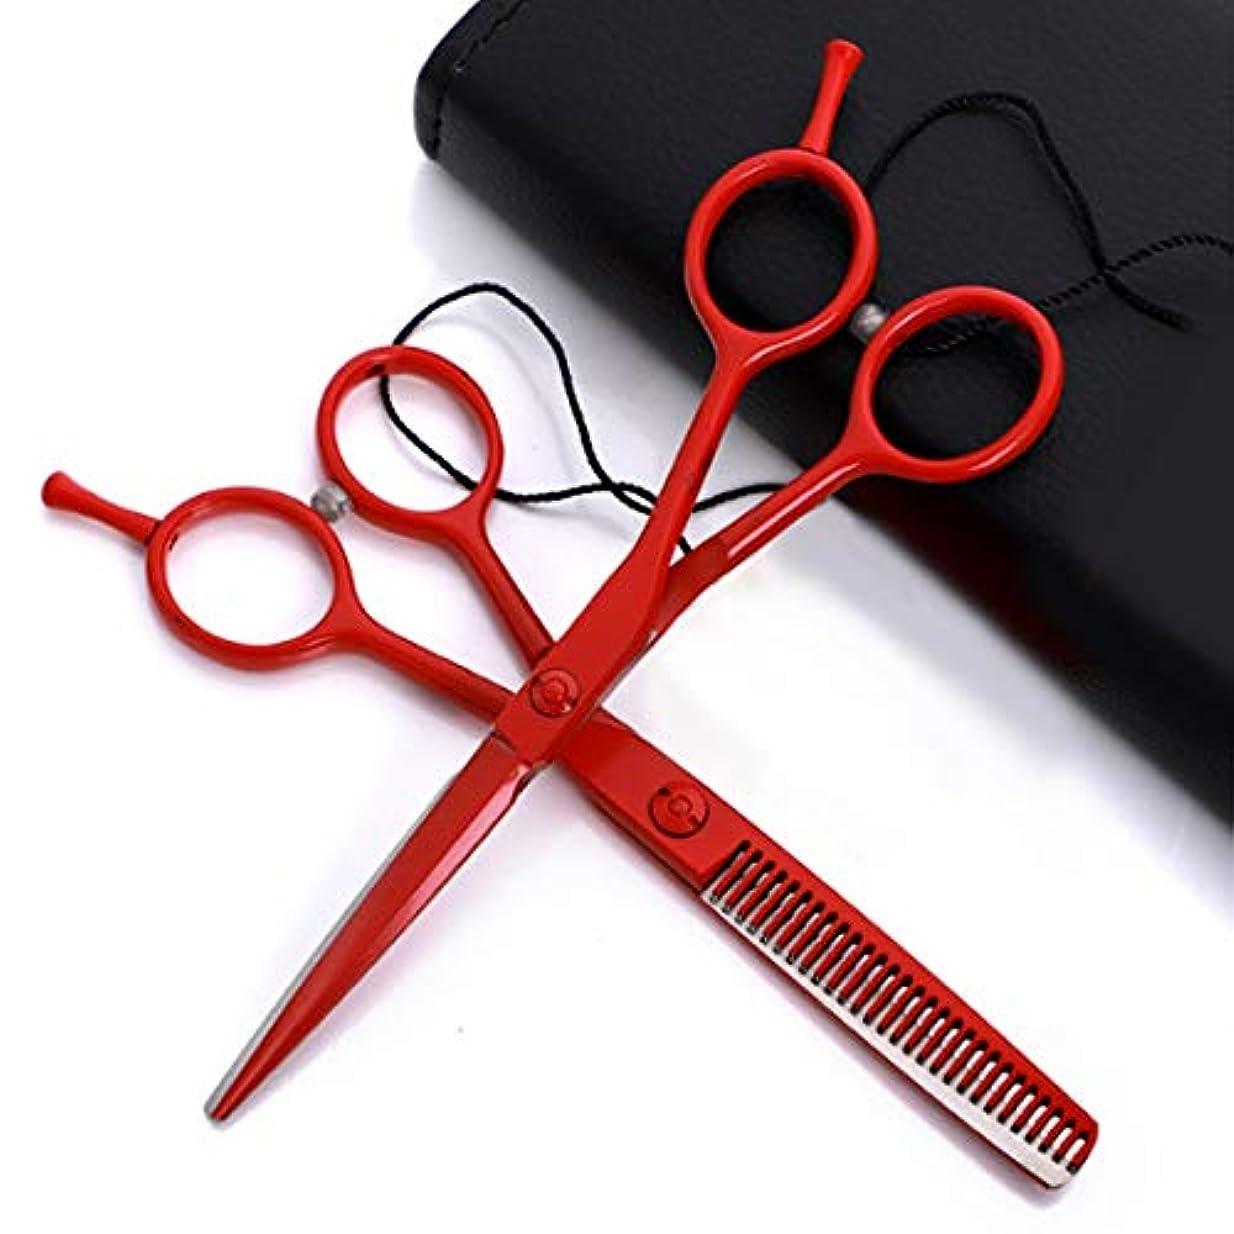 エージェント境界蒸留色塗装理髪用ハサミ5.5インチ - はさみ髪プロのはさみキットフラットはさみ/歯はさみ ヘアケア (色 : Red flat+tooth suit)